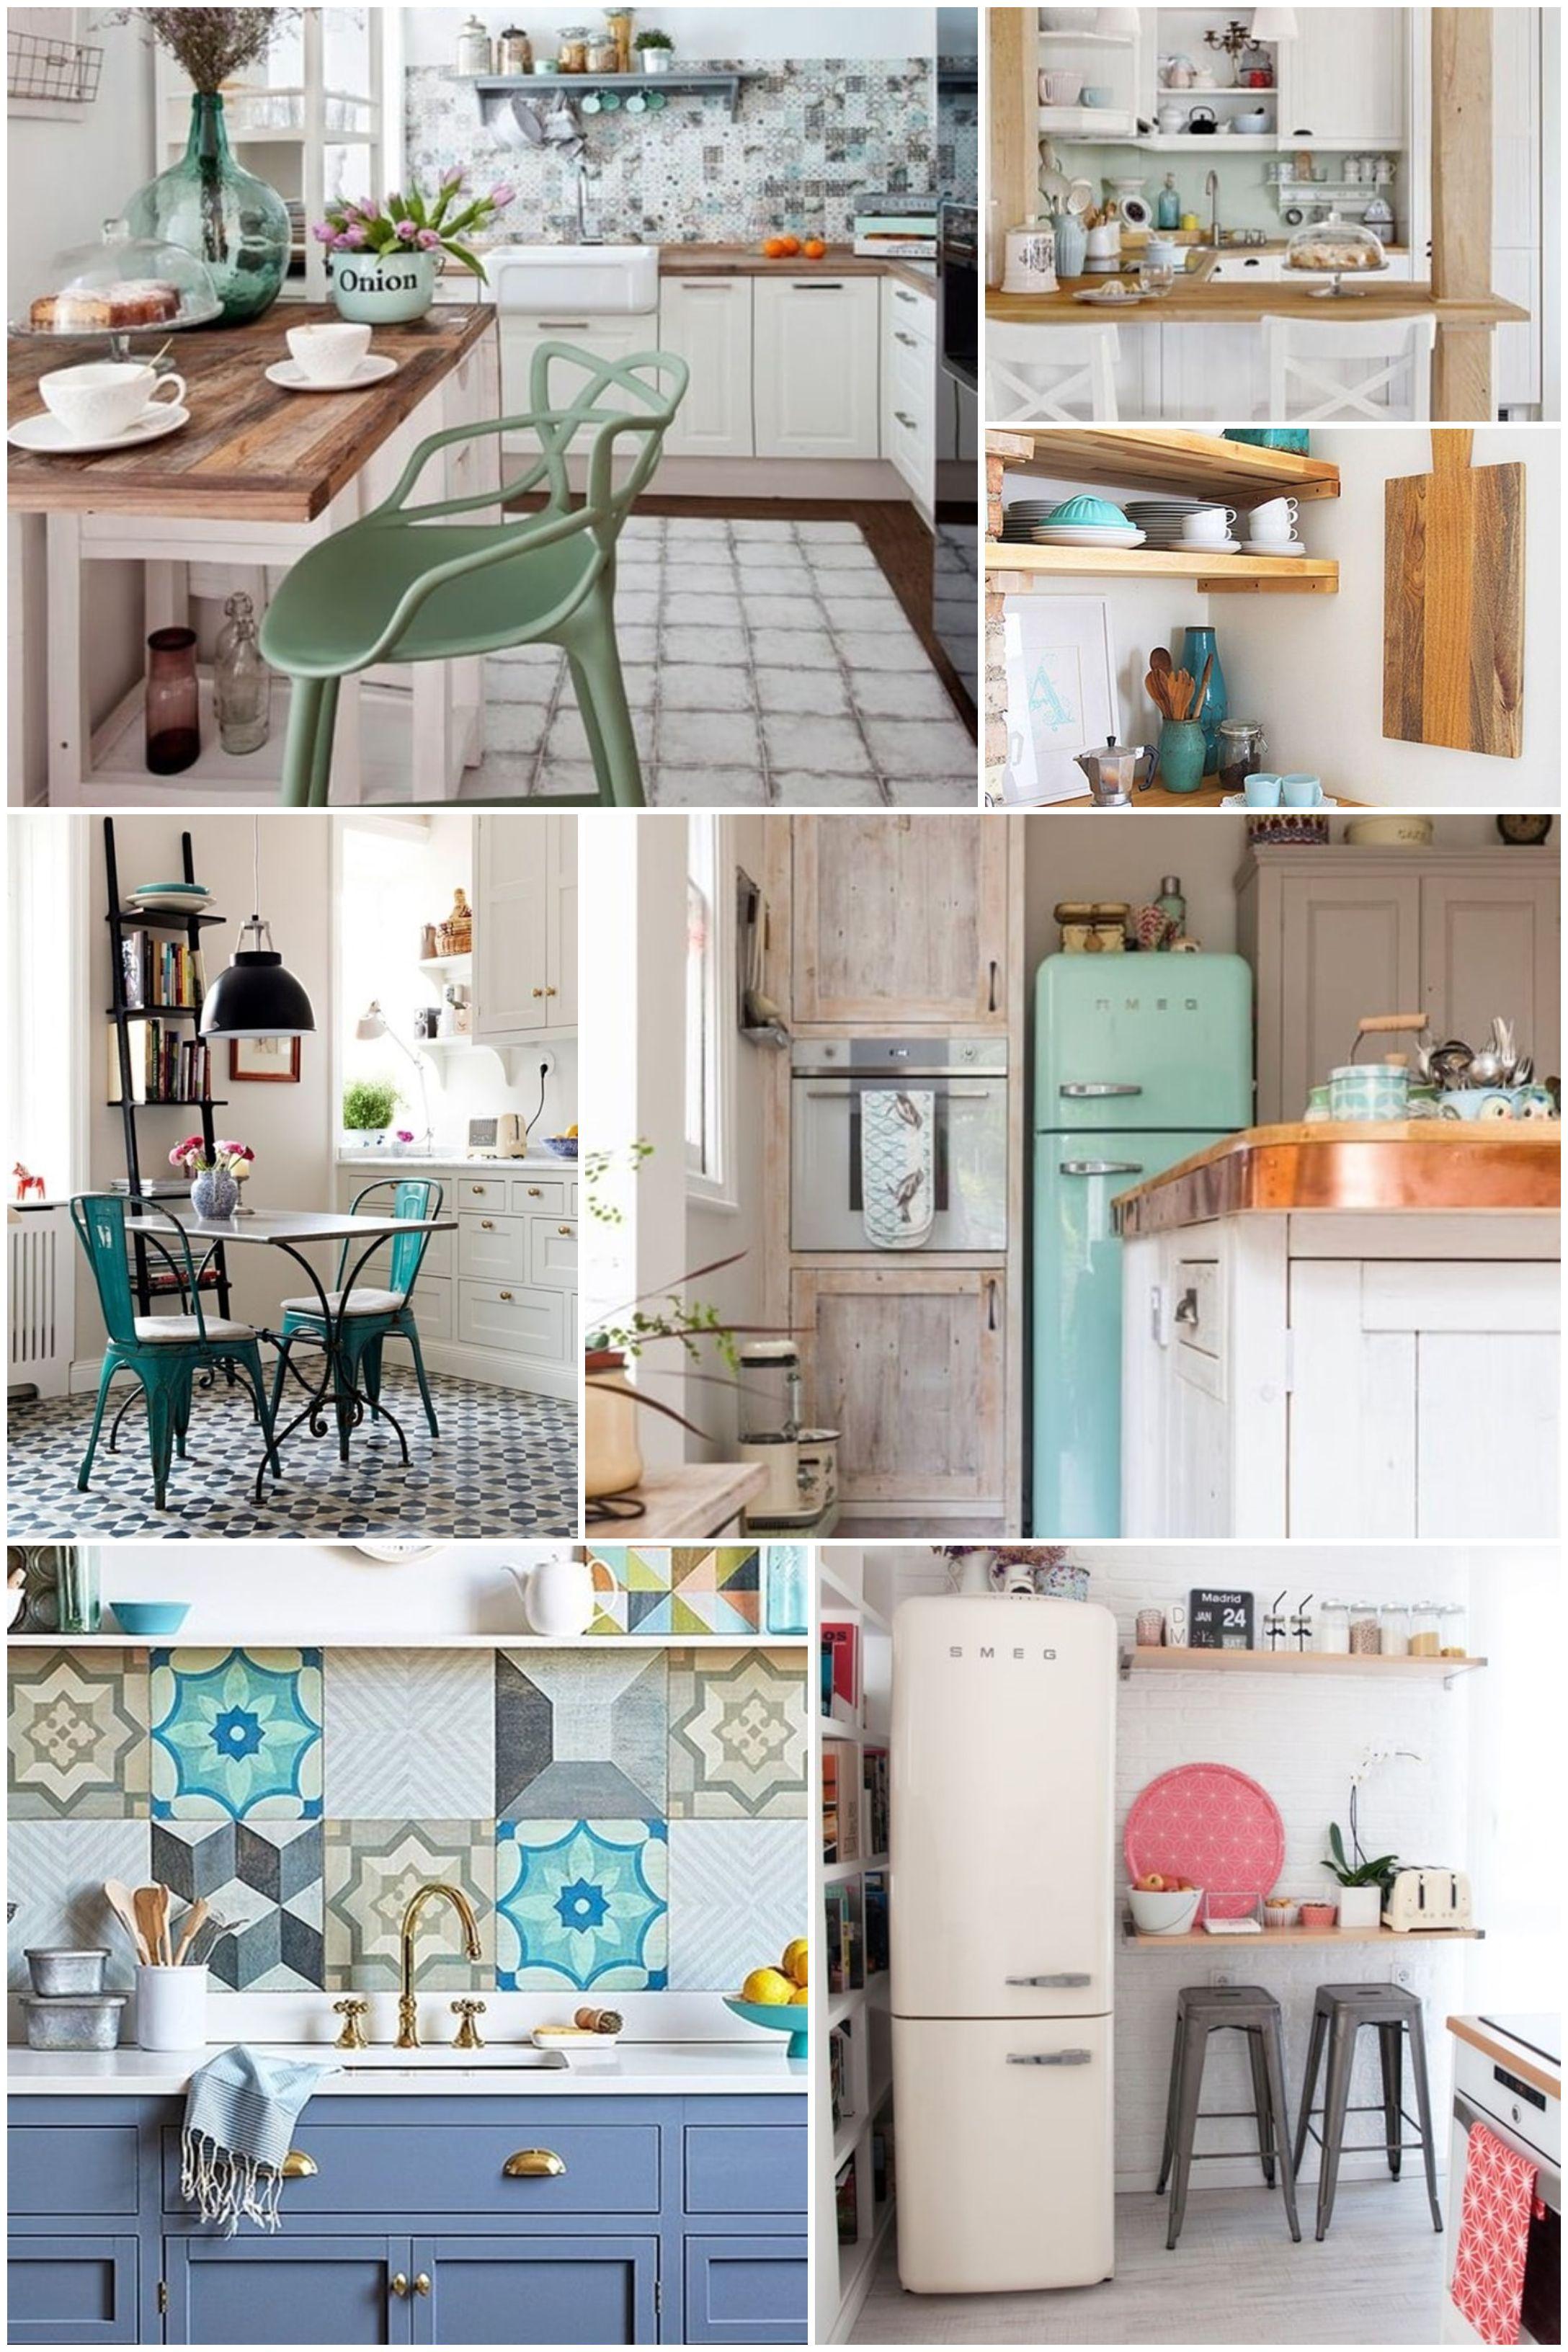 Cocinas vintage decoraci n de cocinas con estilo vintage cocinas cocina vintage cocinas - Muebles de cocina estilo retro ...